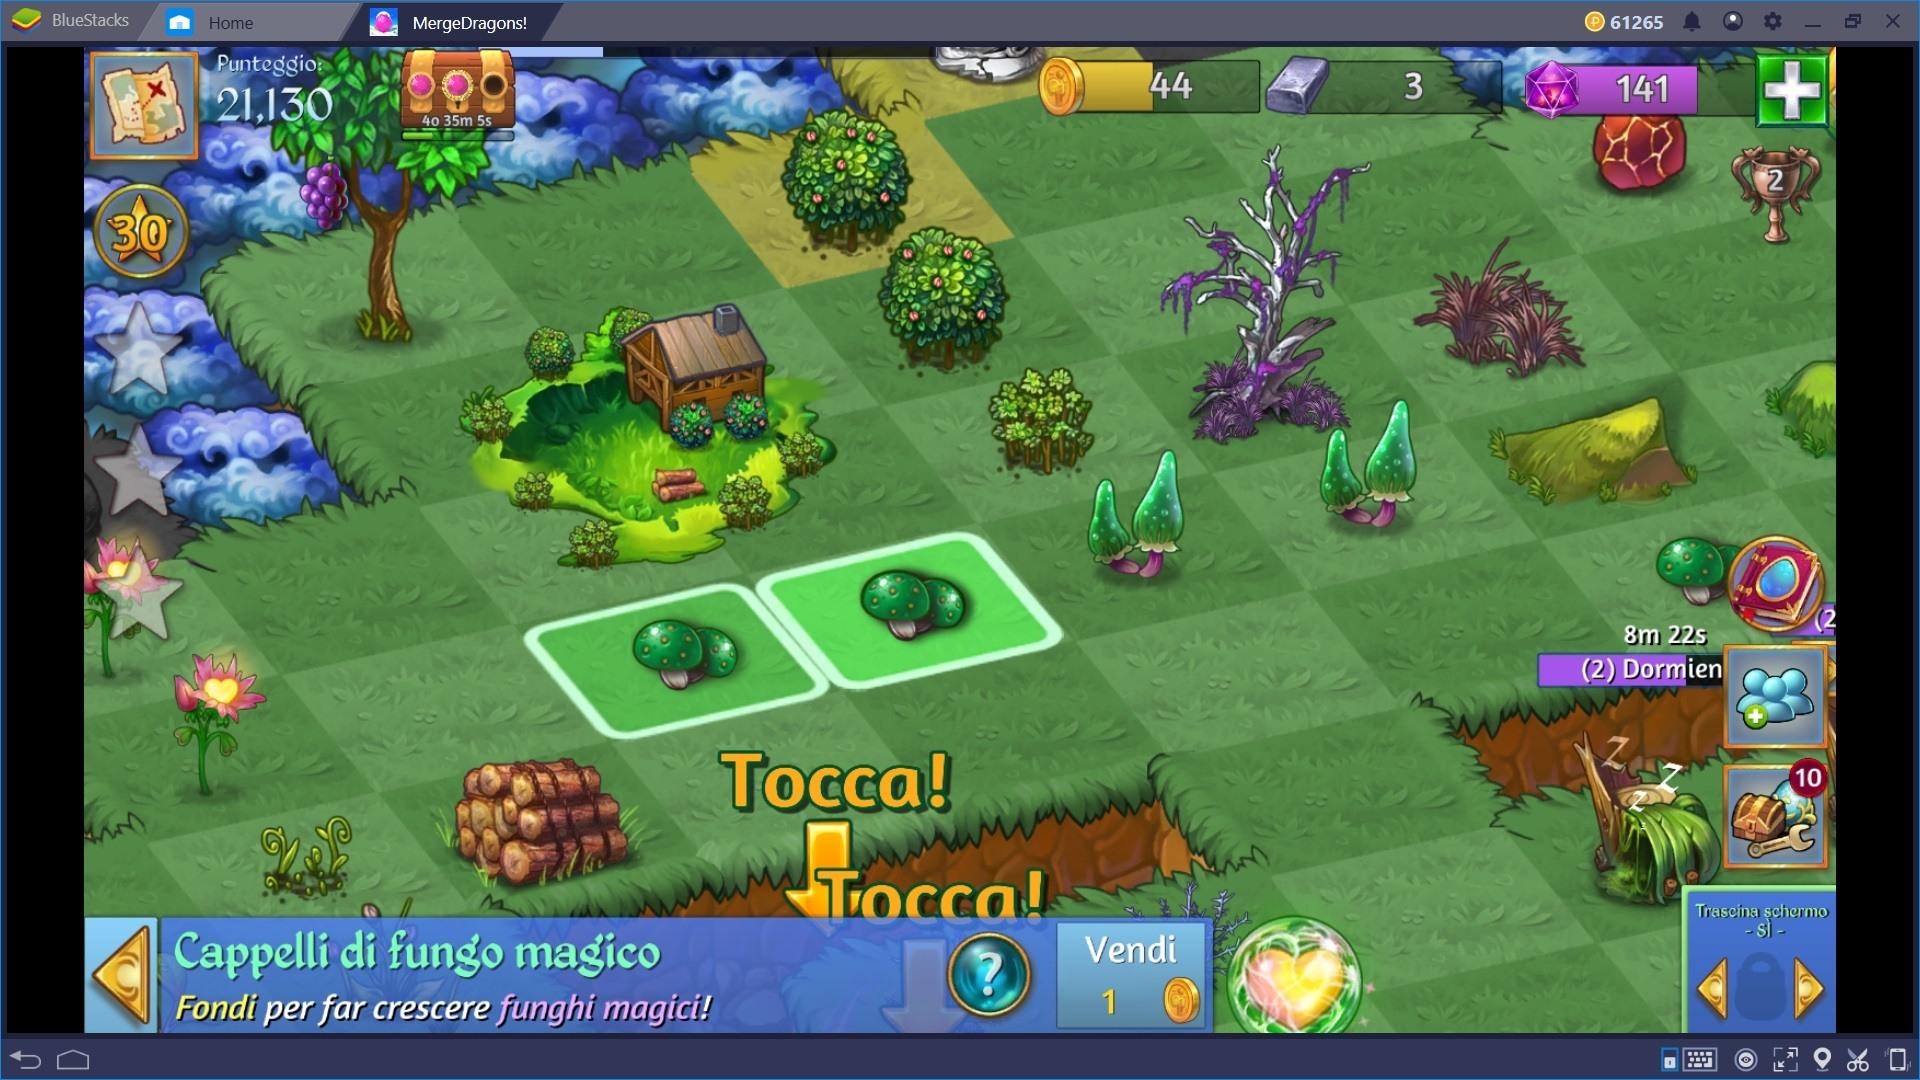 Fondere e Combinare gli oggetti in Merge Dragons!